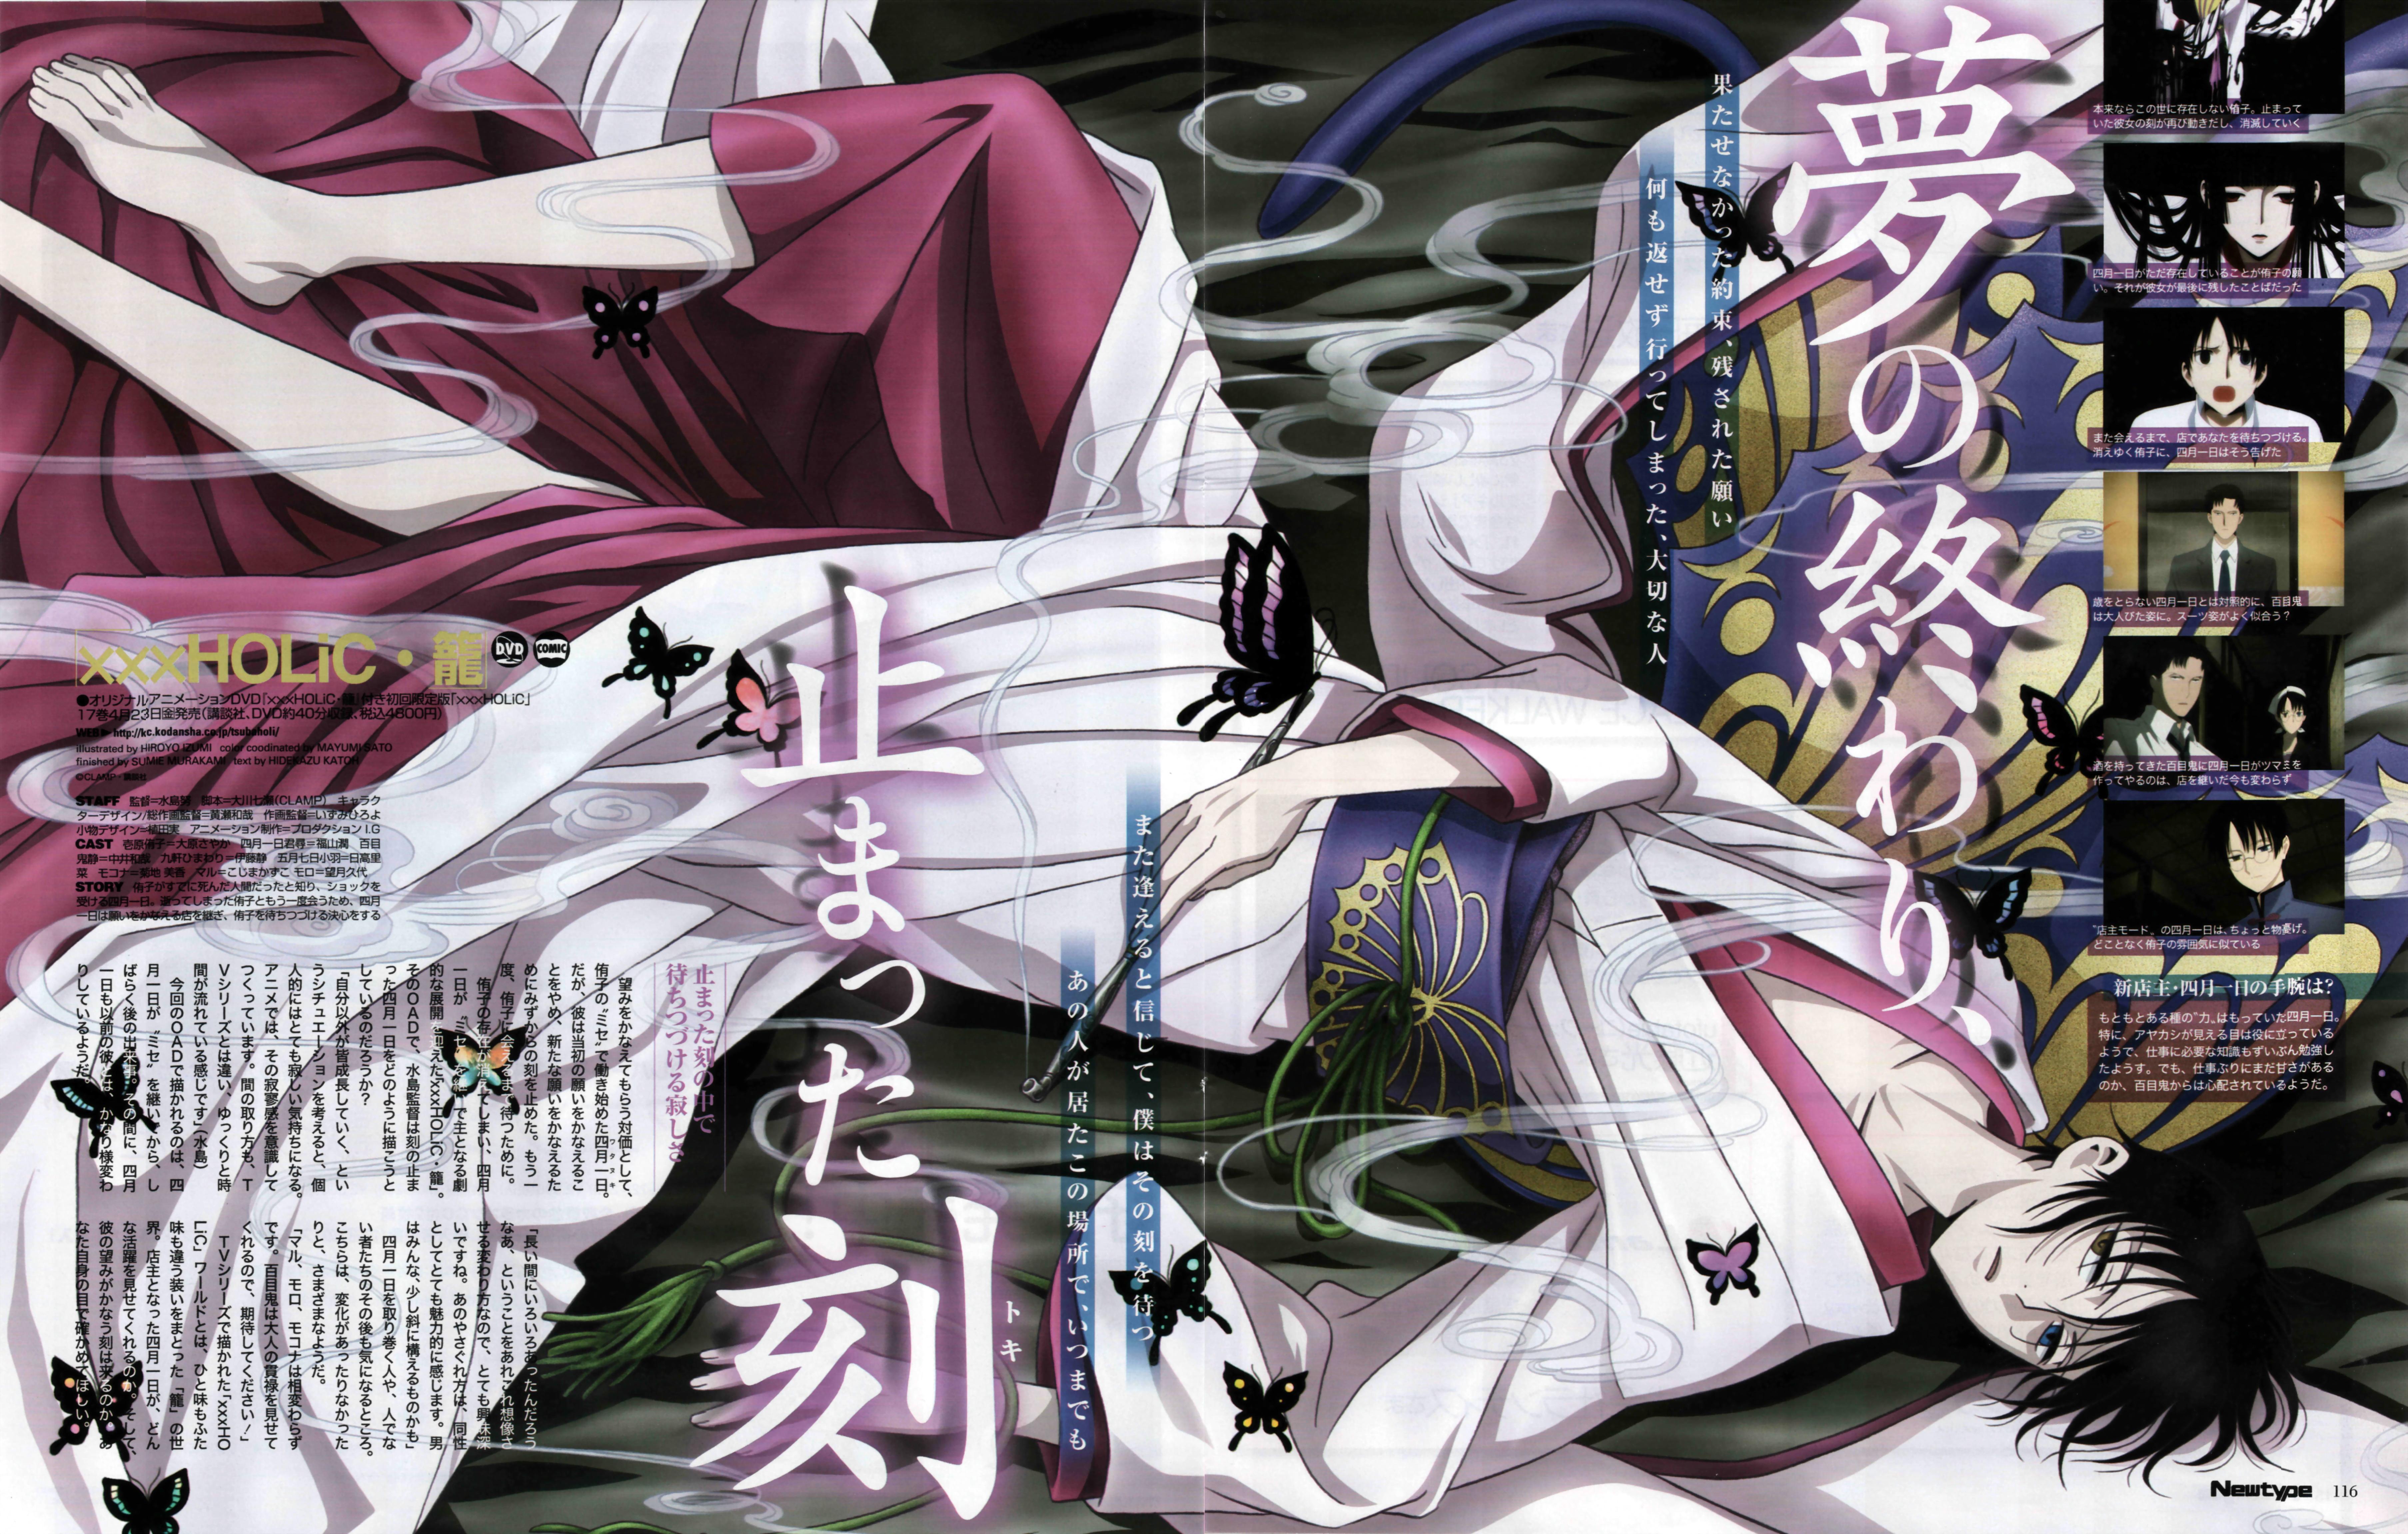 xxxHOLiC (Kimihiro Watanuki)